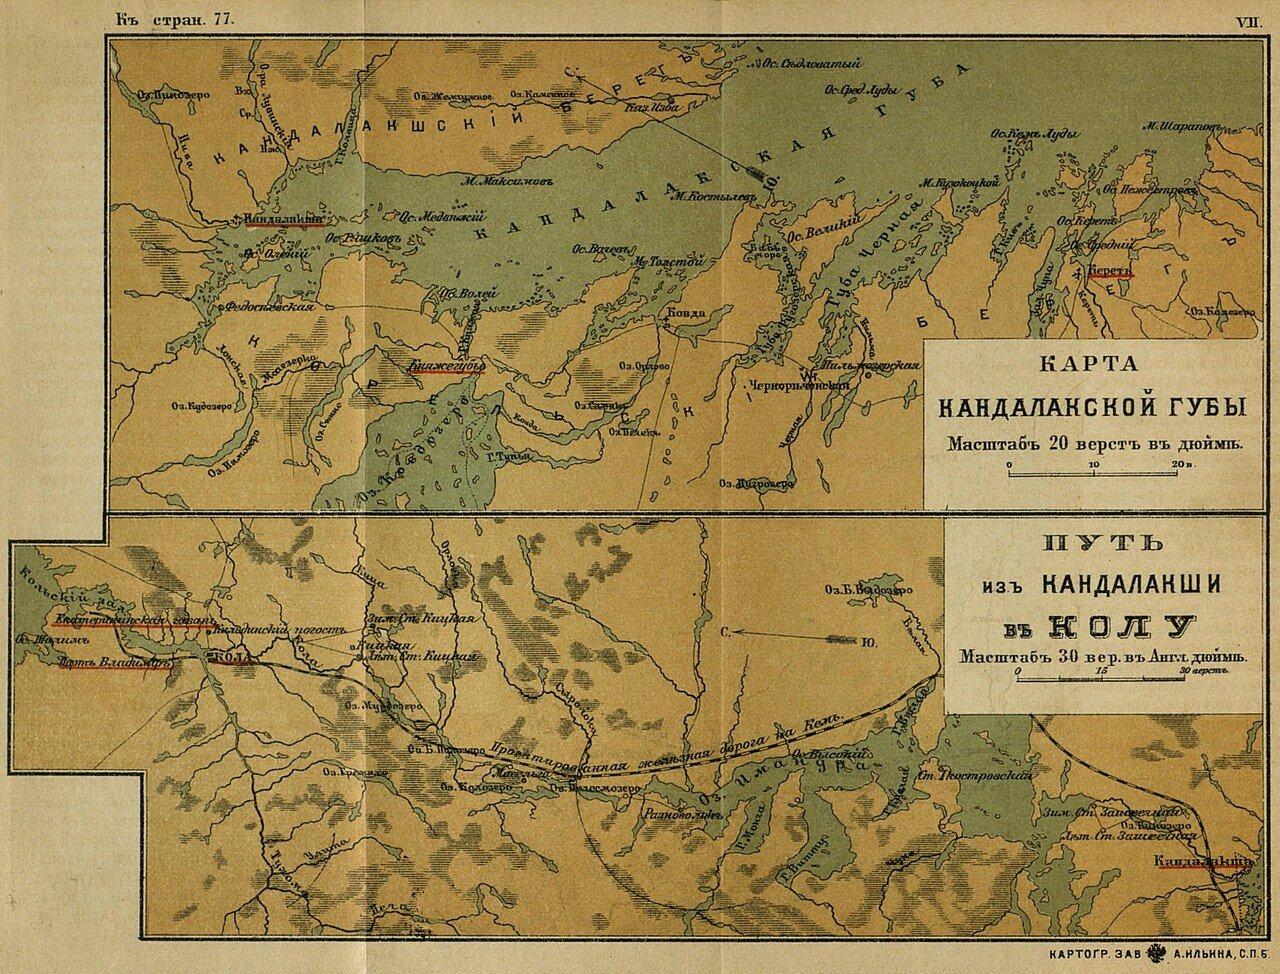 Кандалакская губа и путь из Кандалакши в Колу,1899